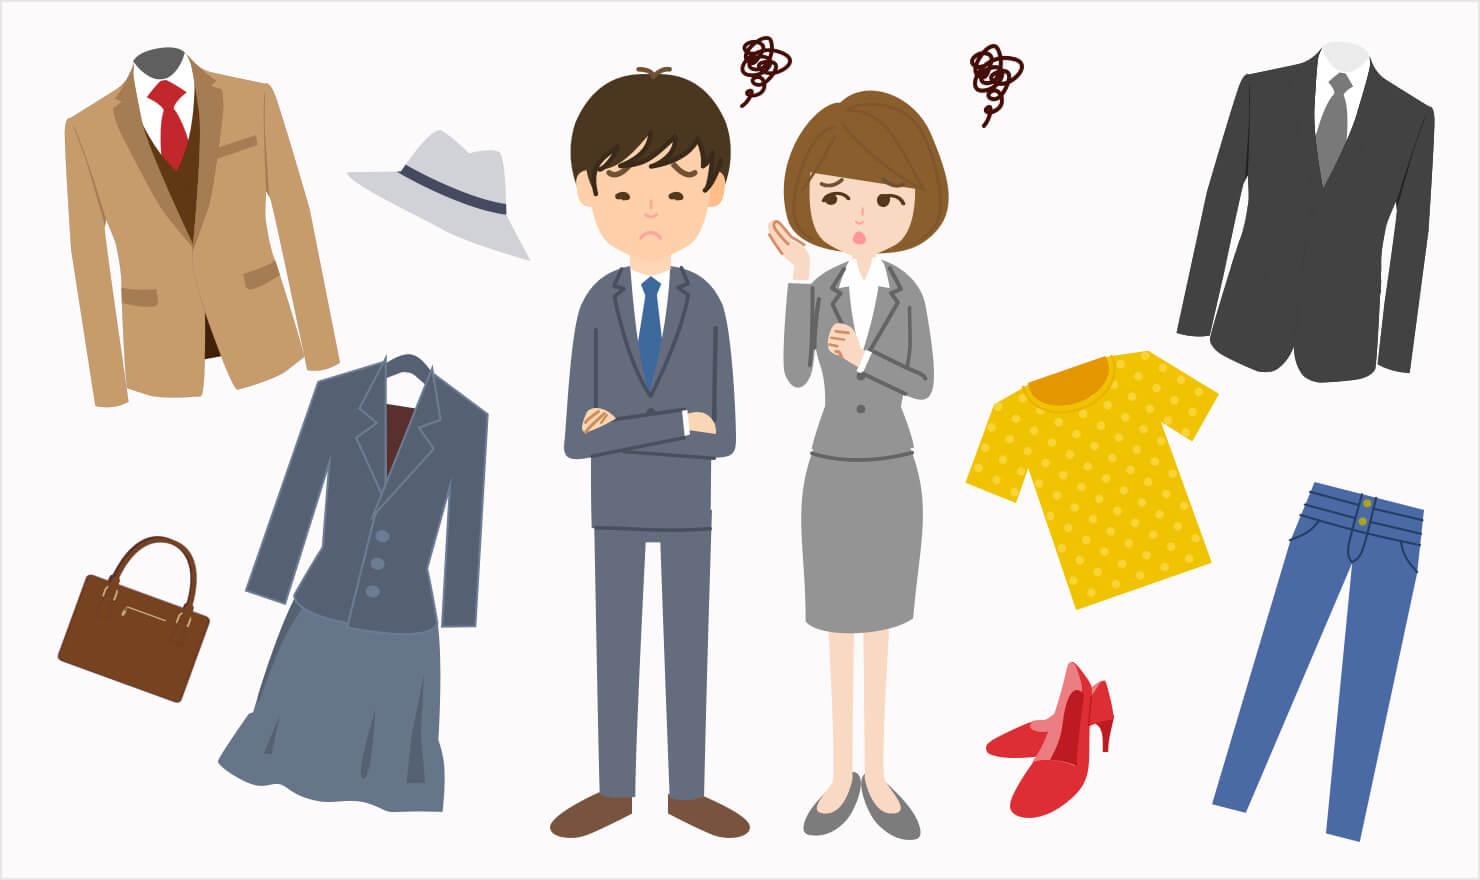 「面接で何着る?」第一印象を良くするスーツ・私服の選び方